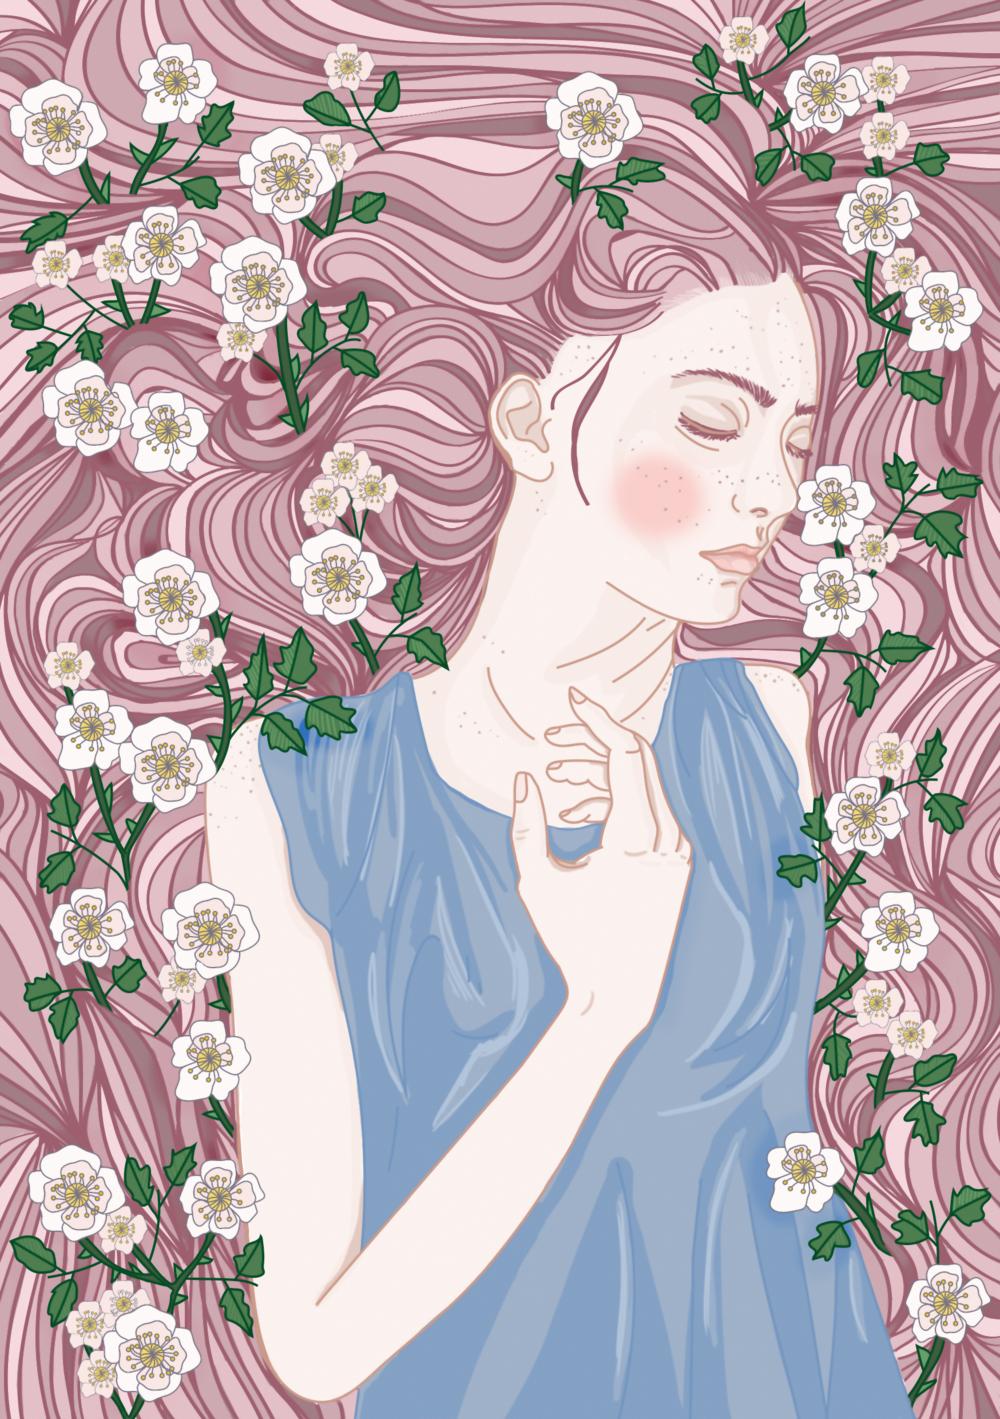 Imogen Rose, digital, 2018.